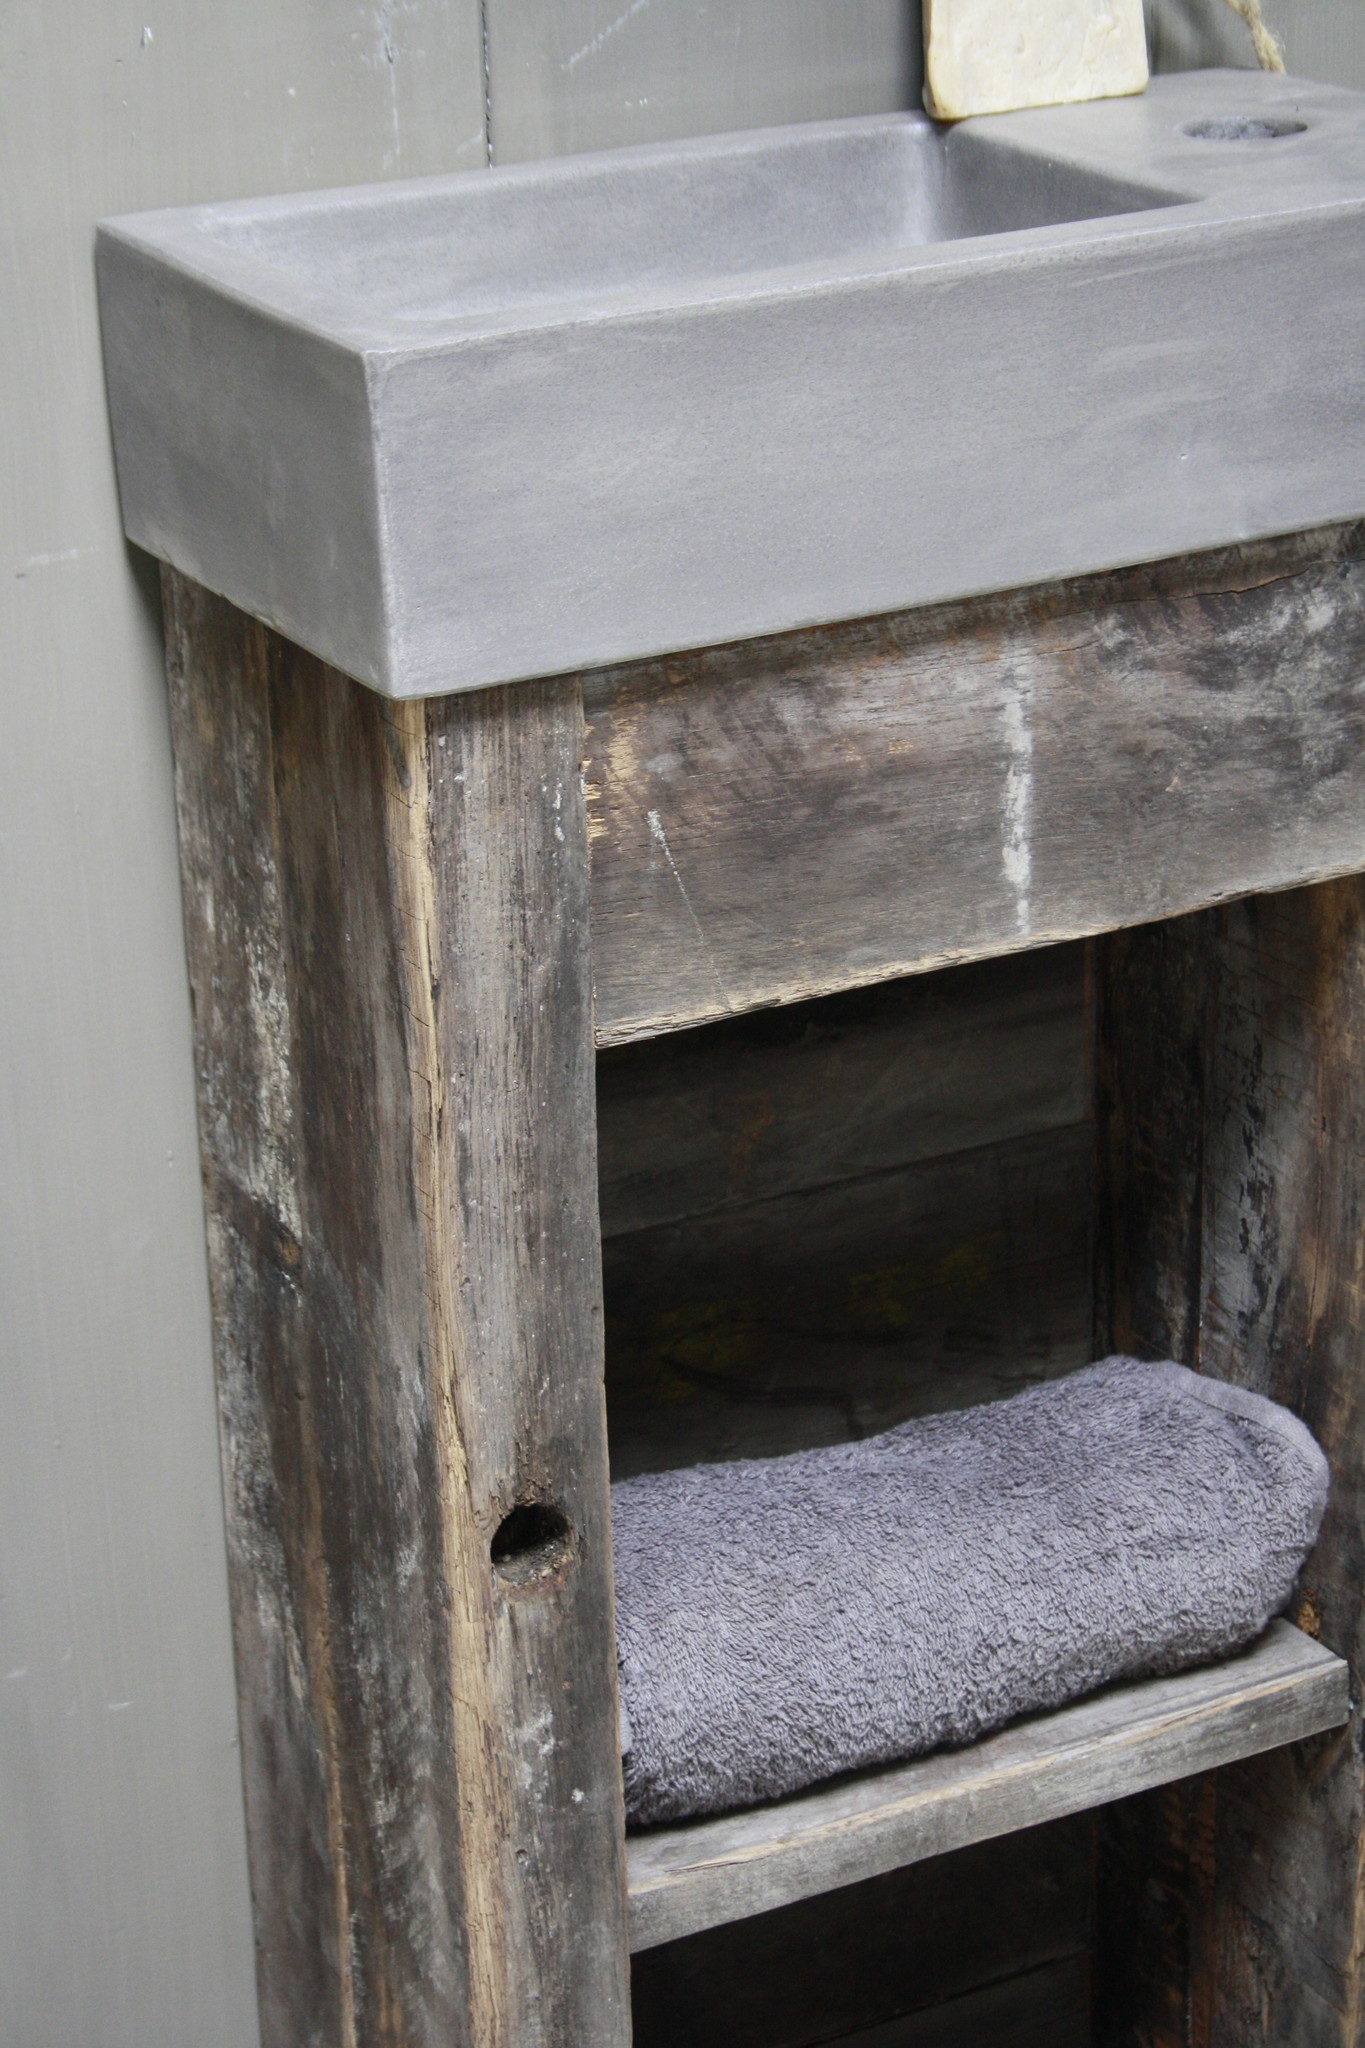 Toiletmeubel oud hout met betonbak 90 cm dark grey-3